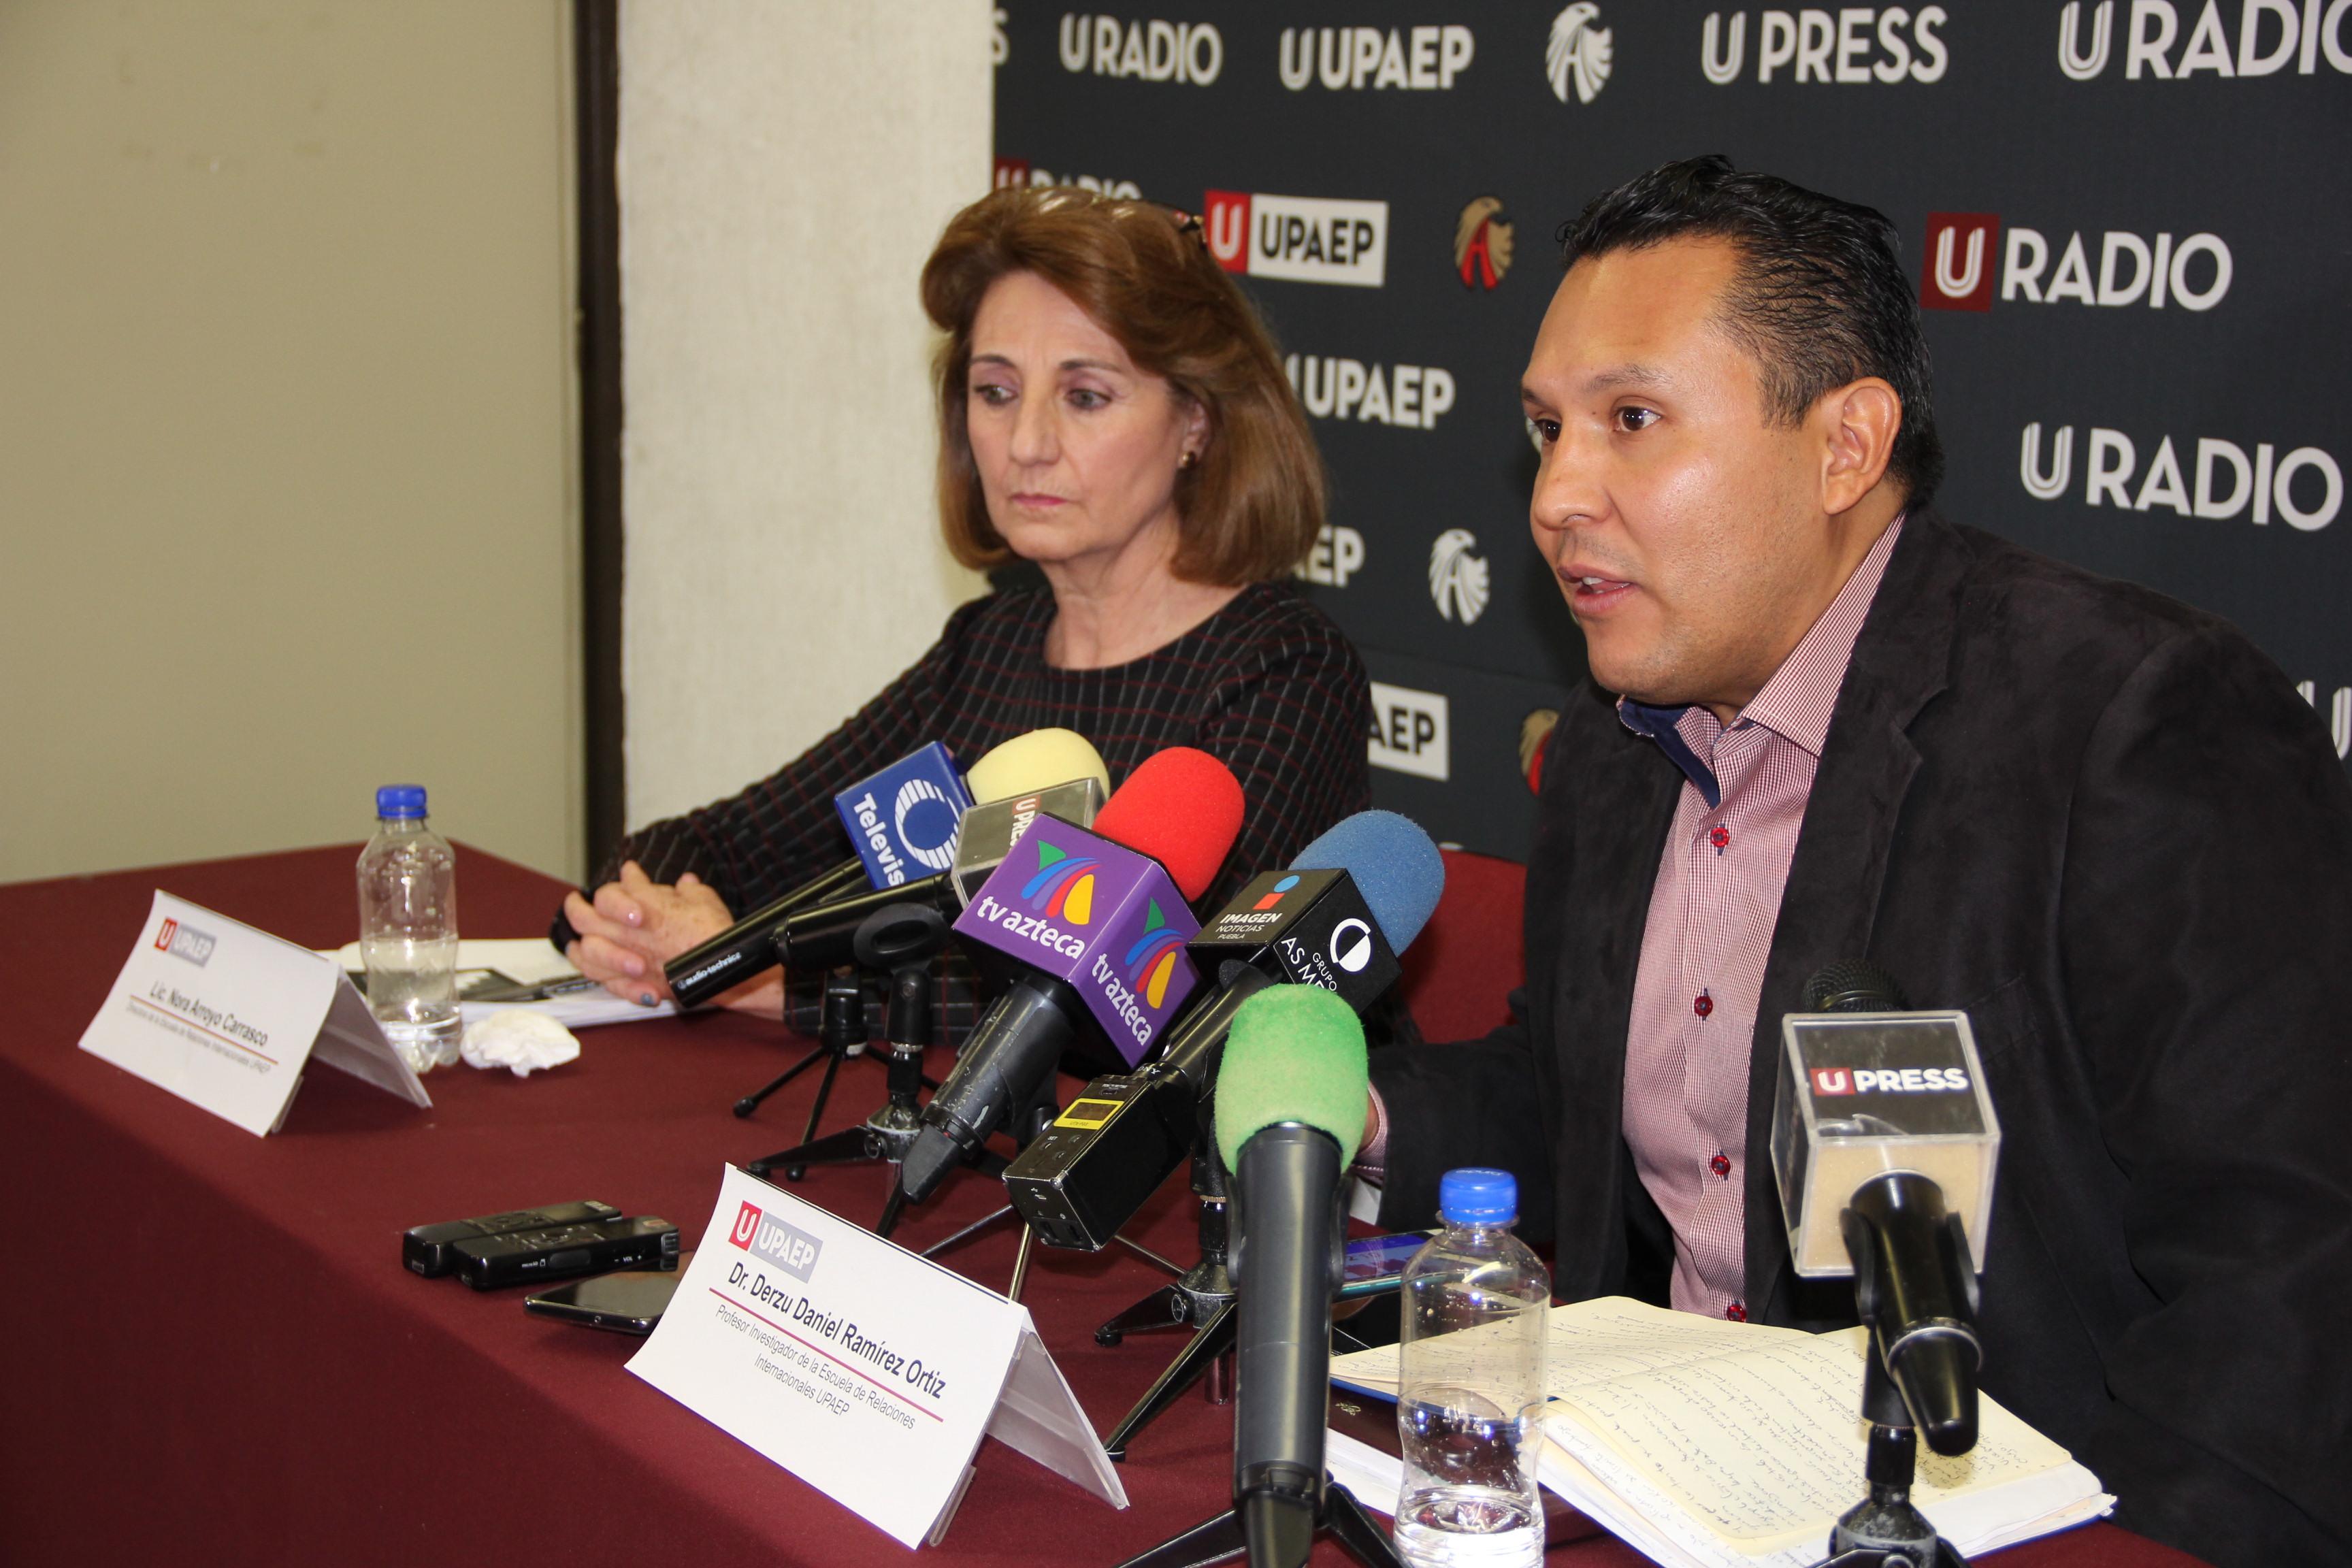 Renuncia de Evo Morales fue por proceso electoral amañado: UPAEP